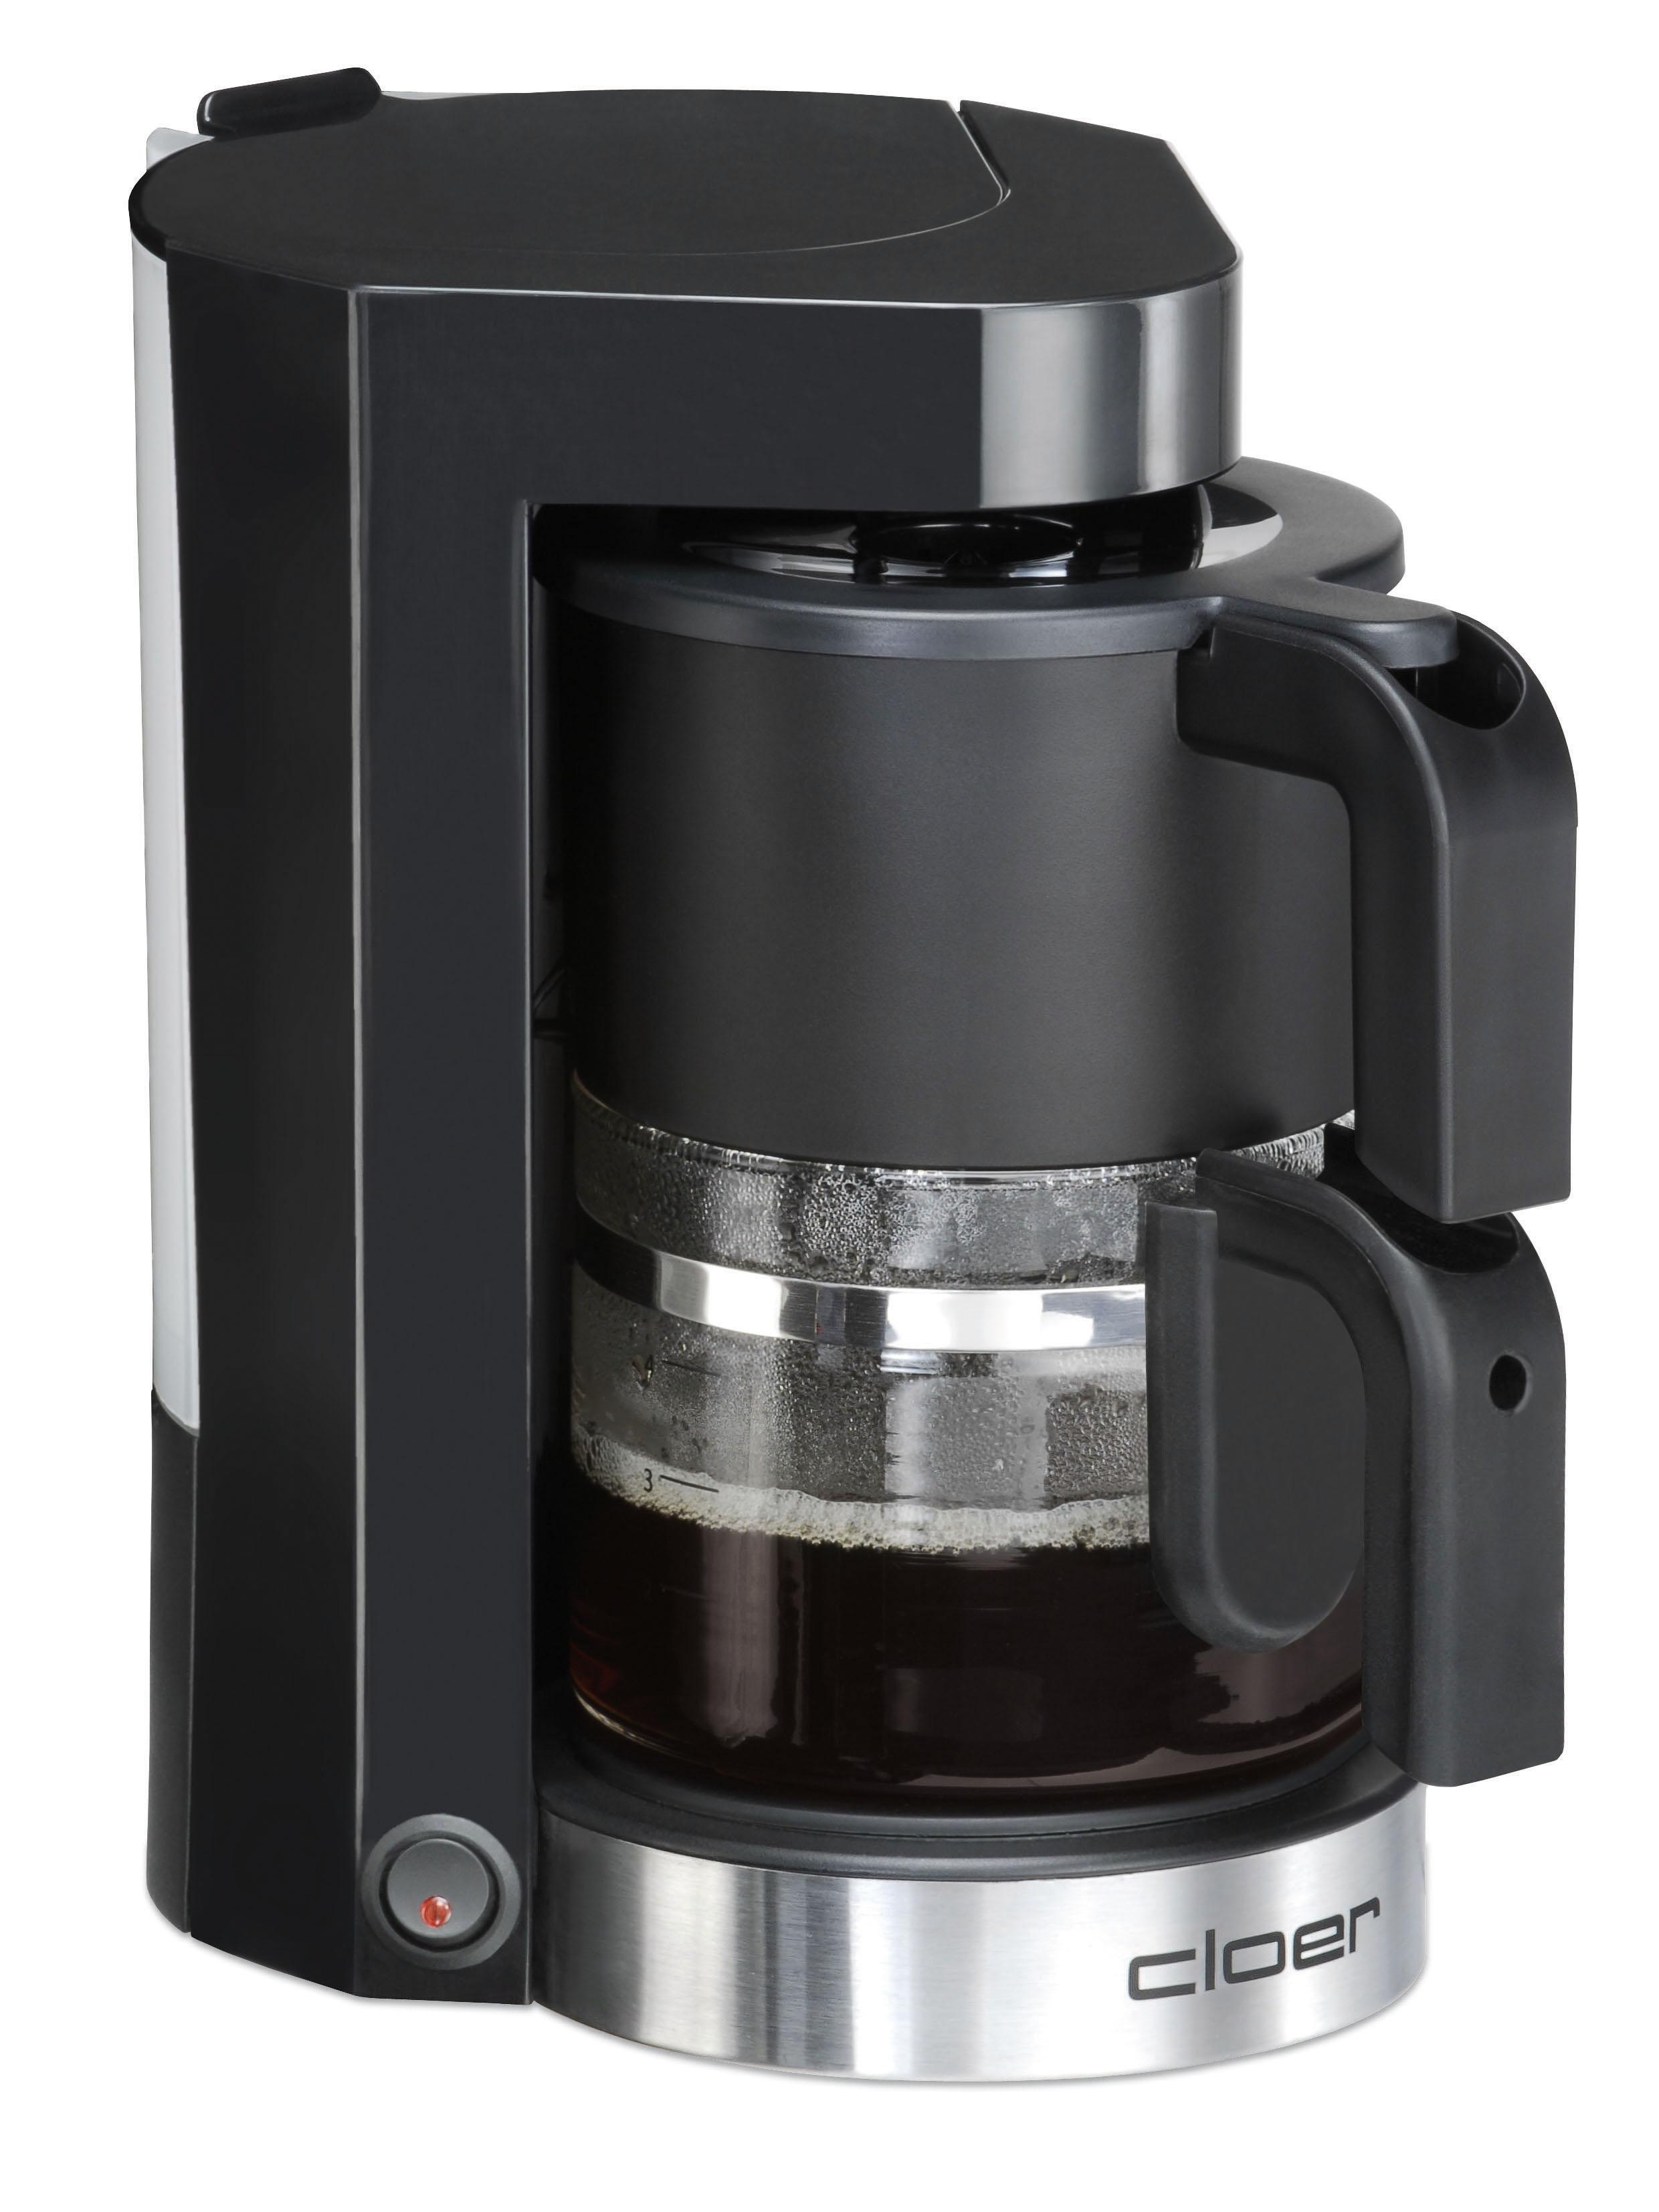 cloer 5990 filterkaffeeautomat cloer 3890 toaster und cloer 5990 filterkaffeeautomat f r s. Black Bedroom Furniture Sets. Home Design Ideas